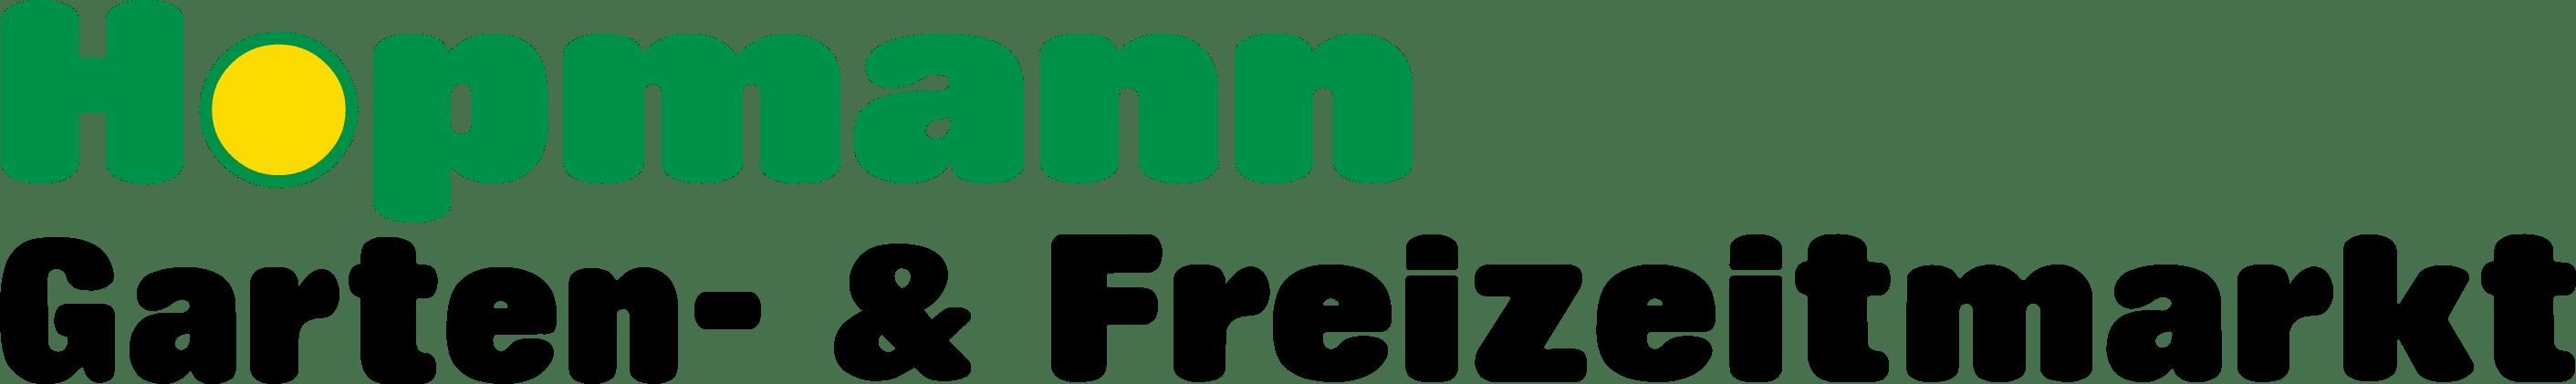 Hopmann Garten- und Freizeitmarkt Logo